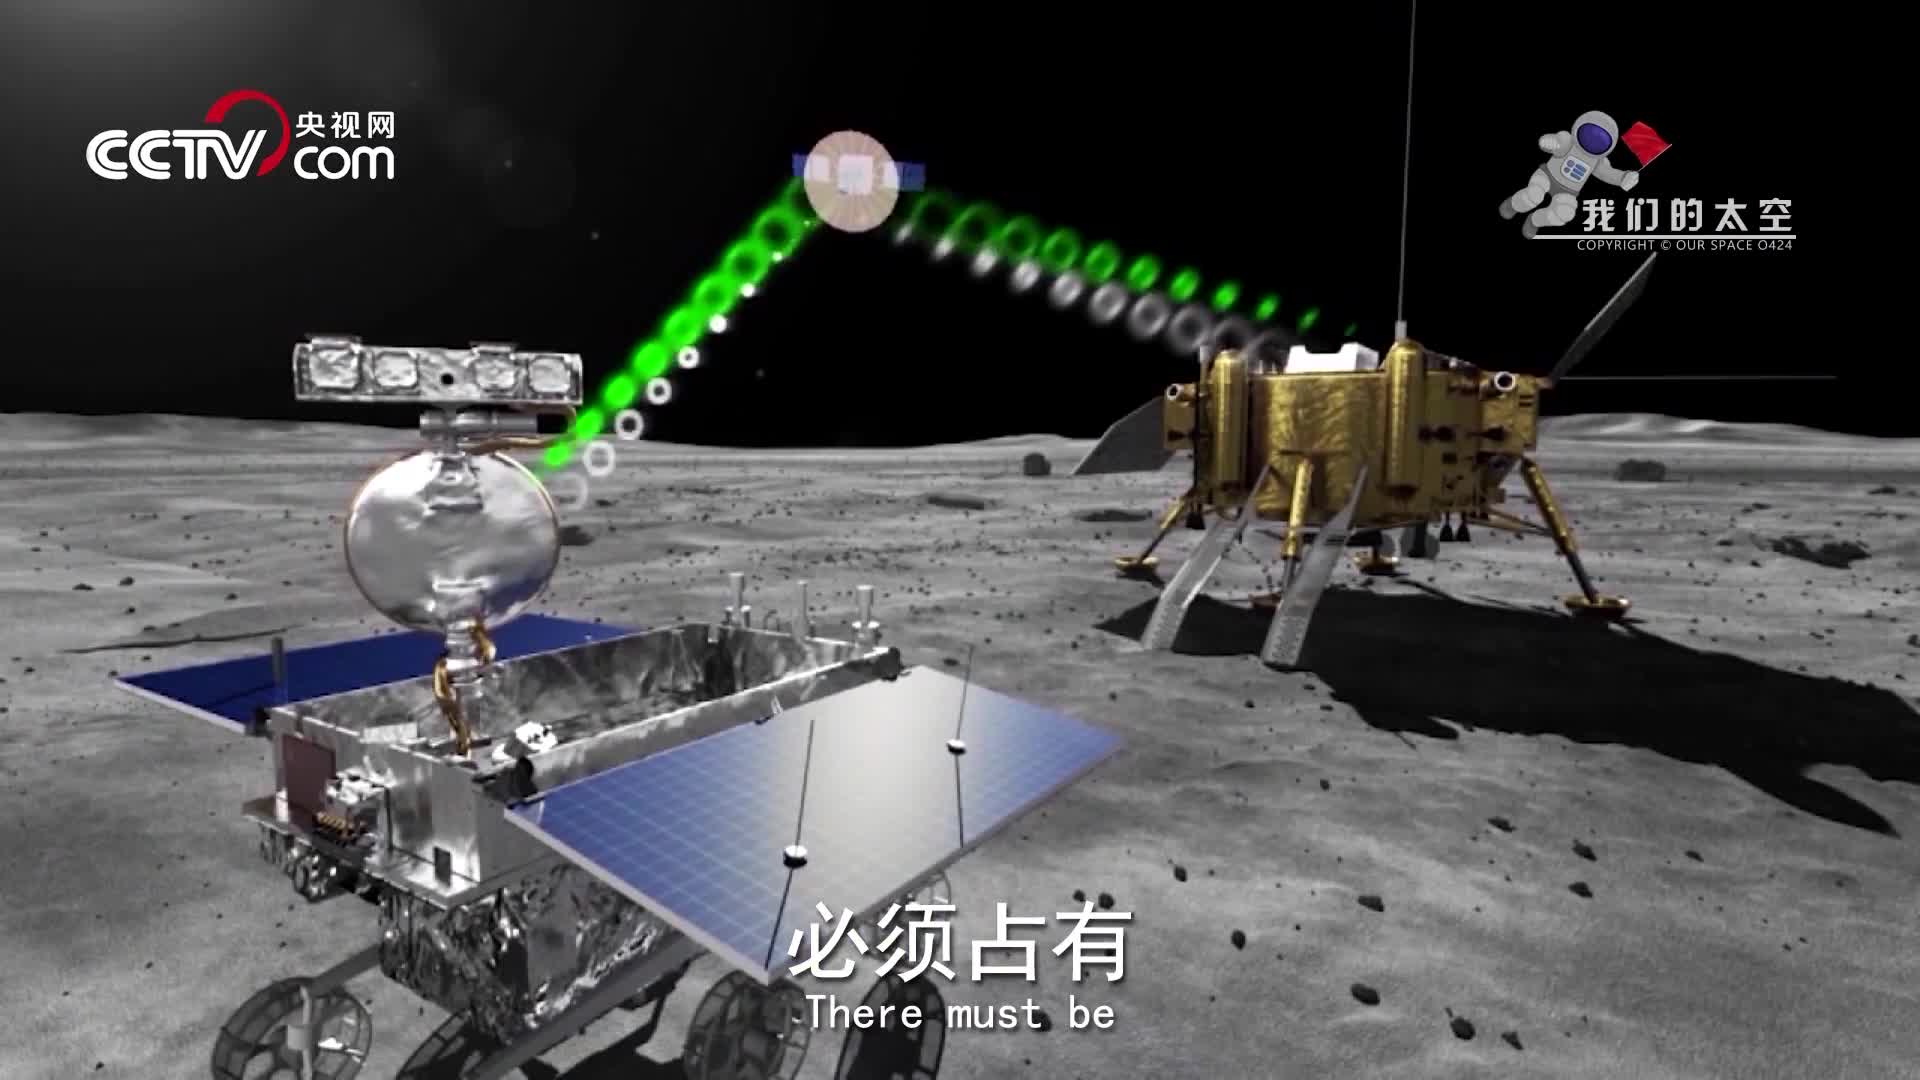 [视频]航天原创歌曲MV《去月亮背面》